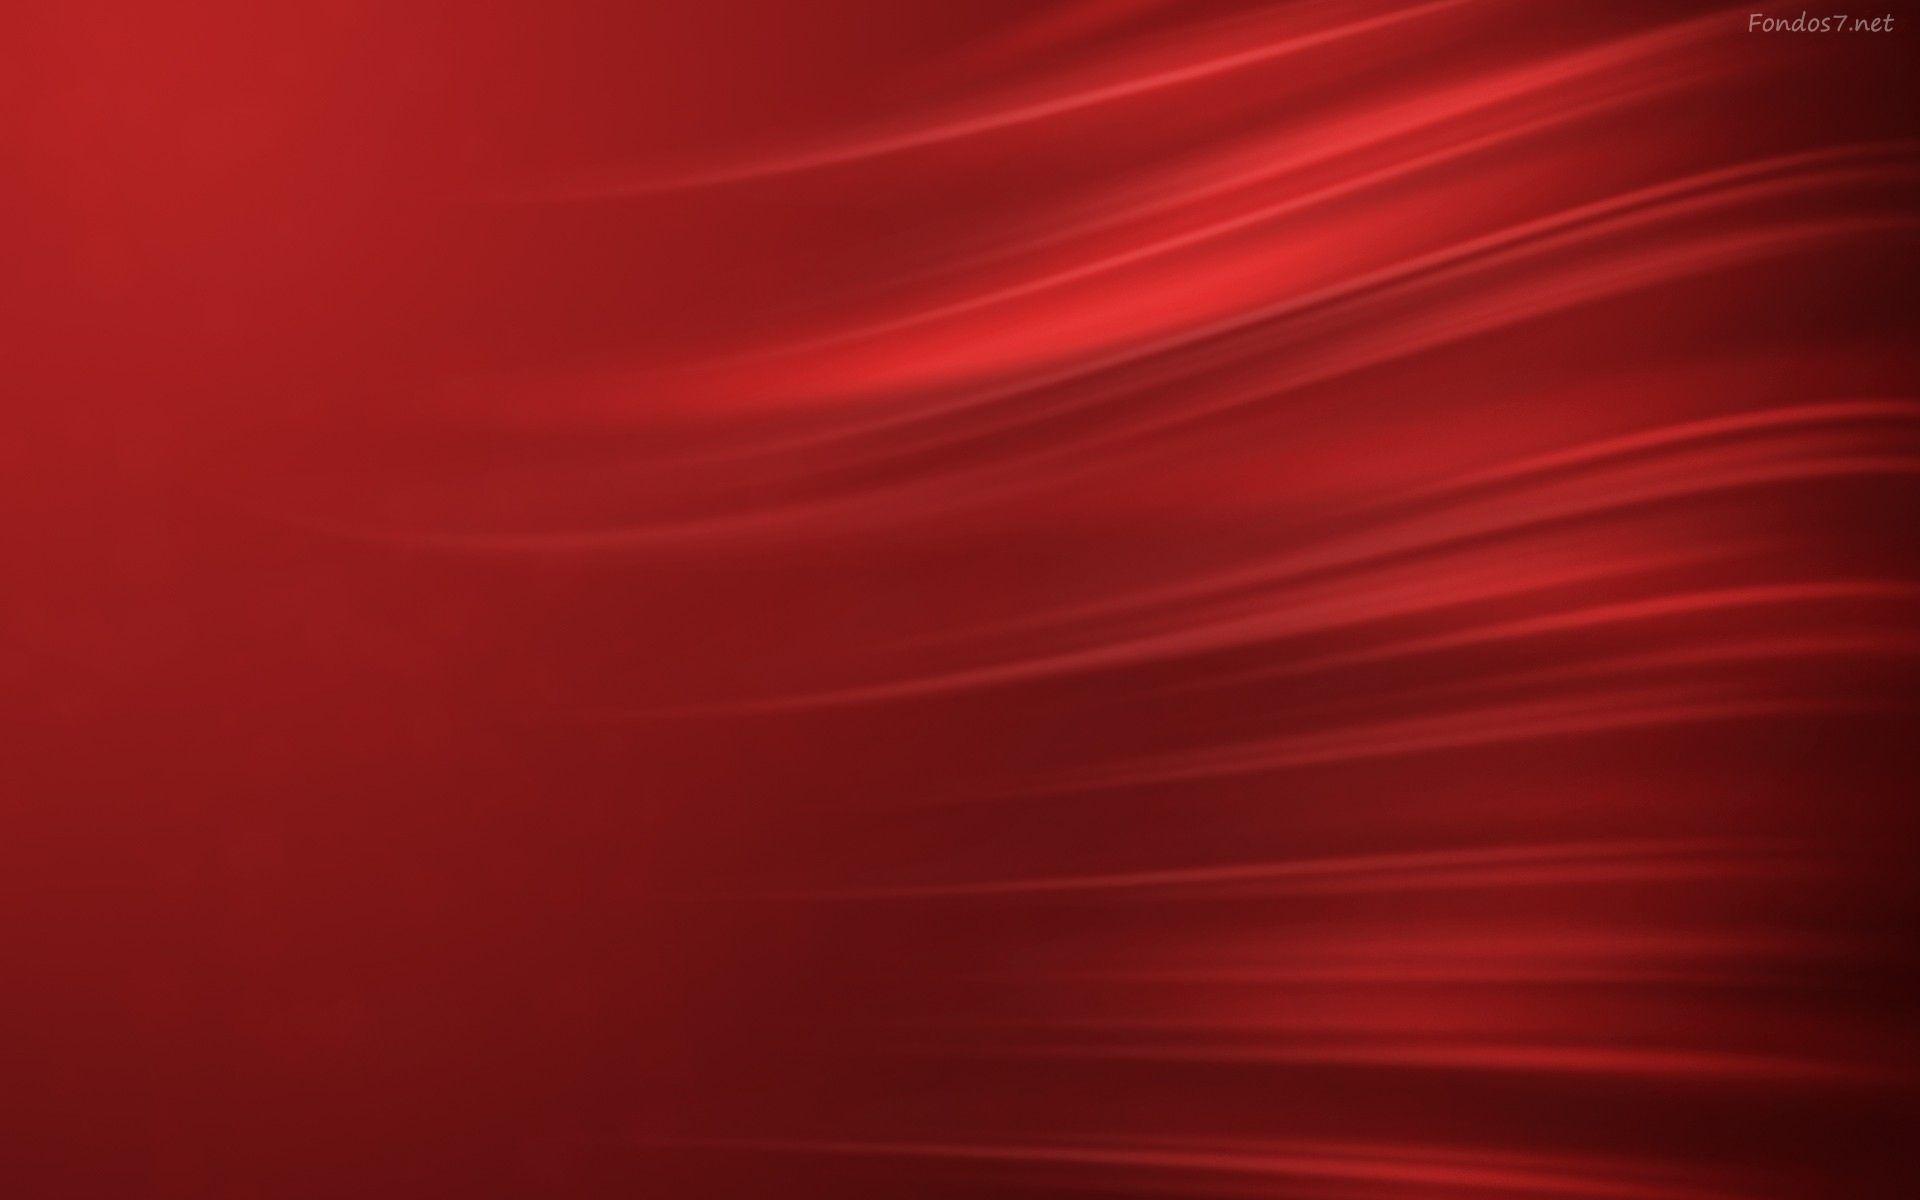 Fondos Abstractos Rojos Para Fondo Celular En Hd 36 HD